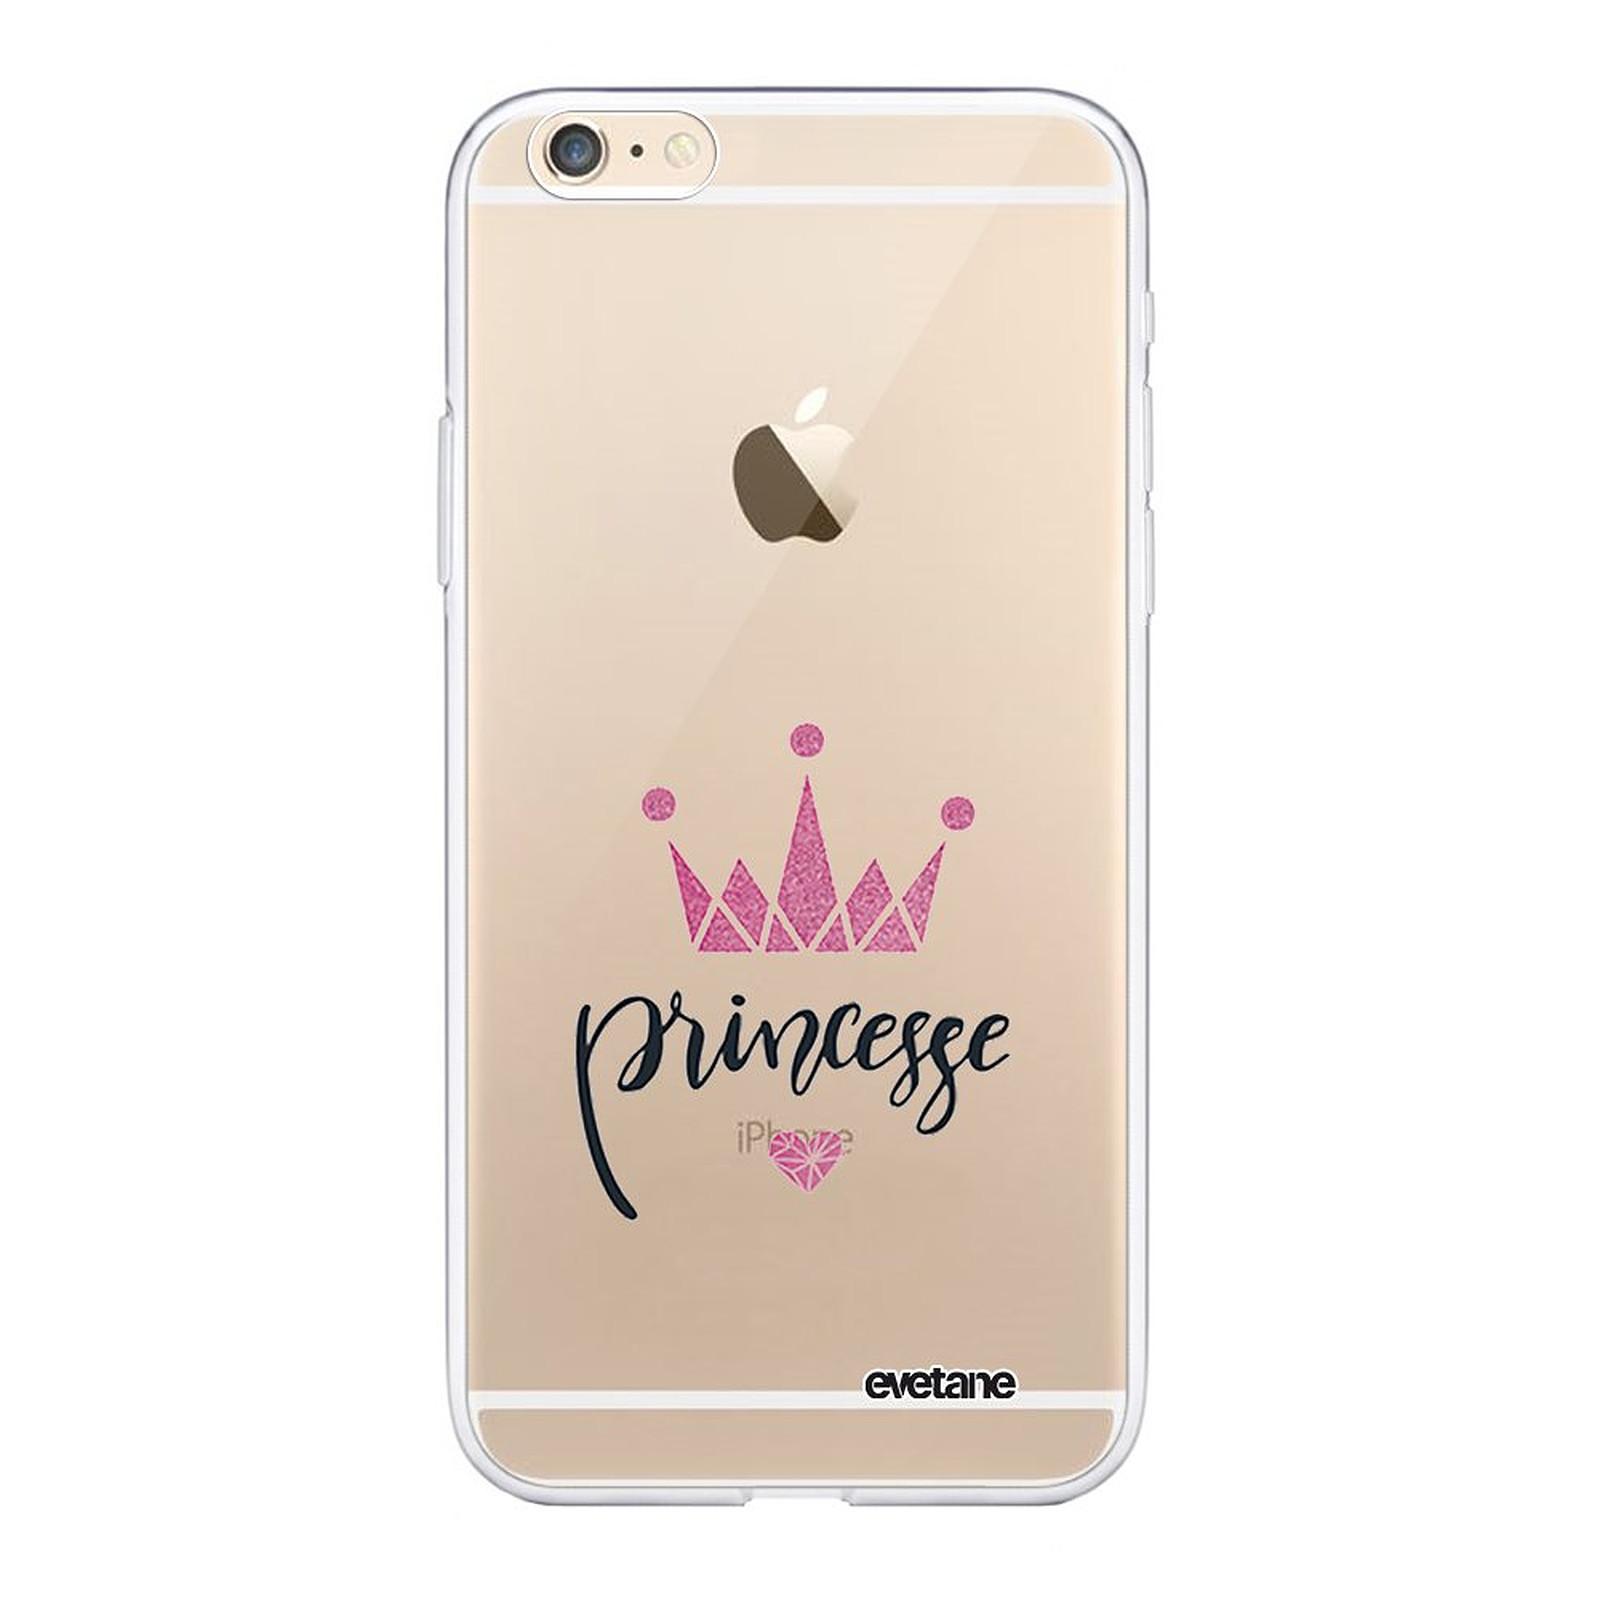 EVETANE Coque iPhone 6/6S 360 intégrale transparente Princesse Couronne Tendance - Coque téléphone Evetane sur LDLC